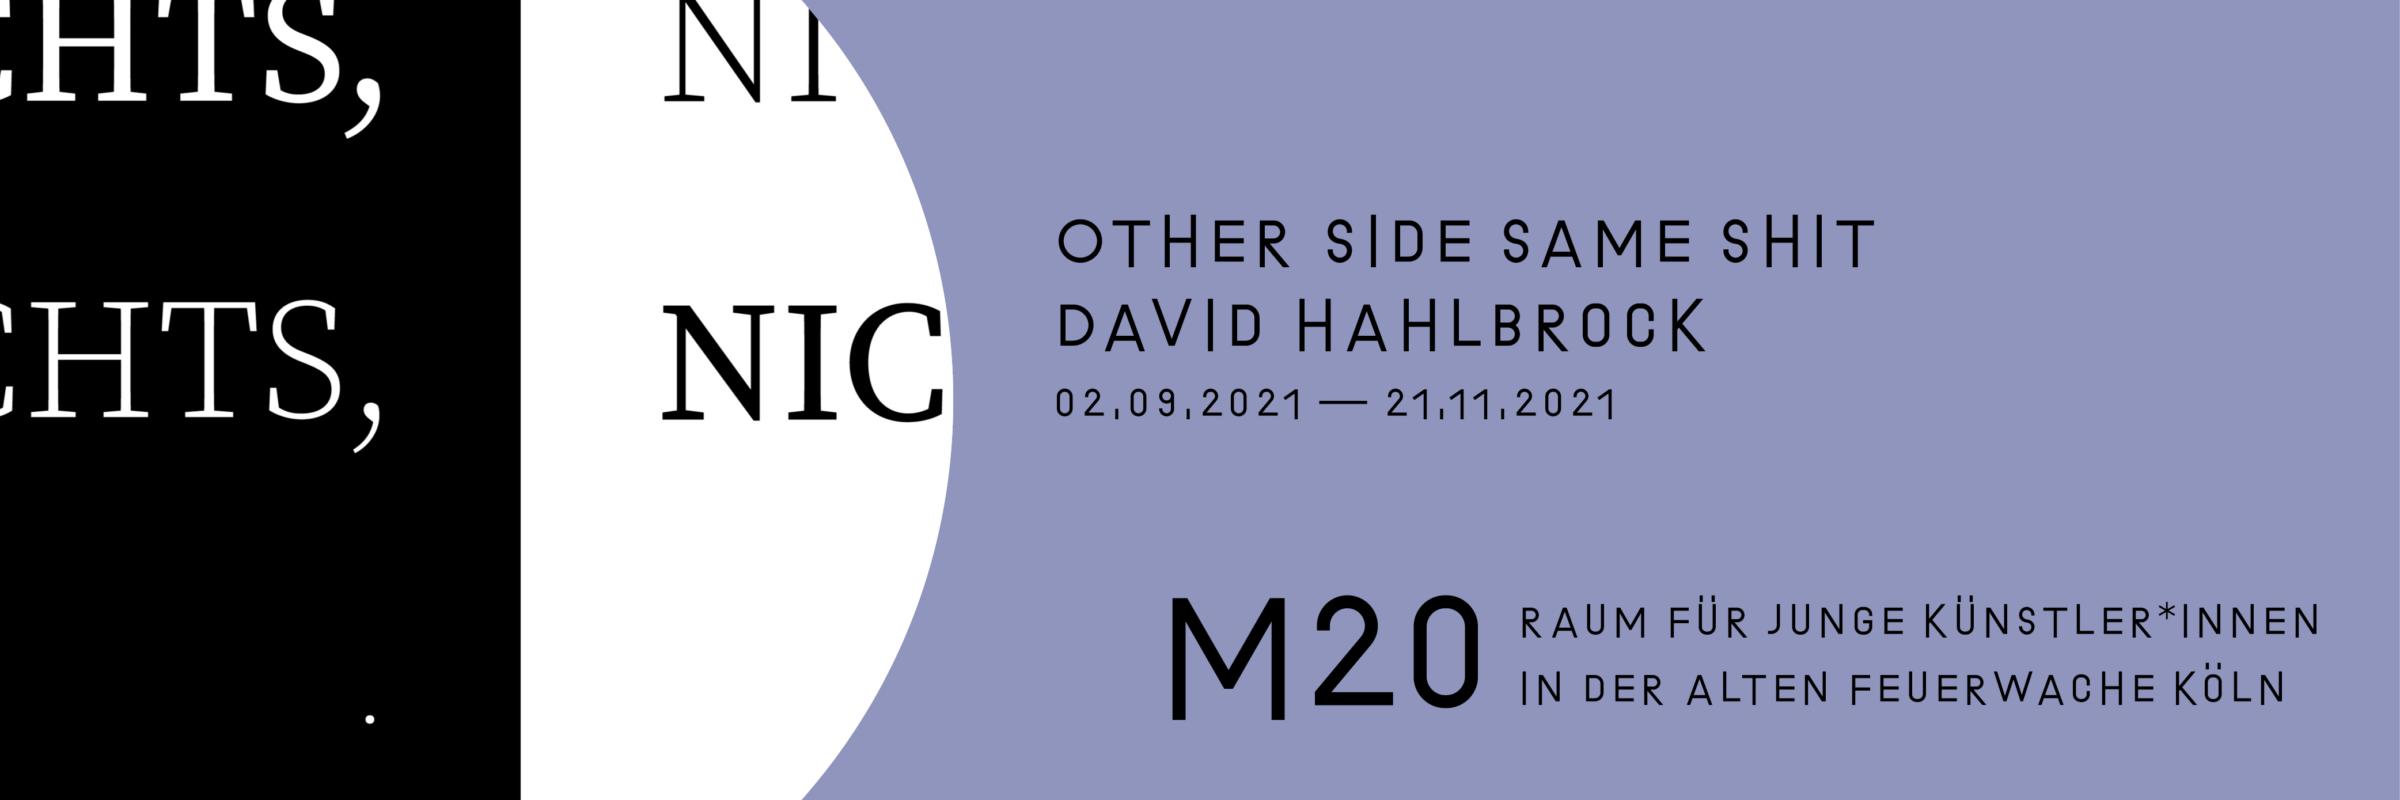 David Hahlbrock: Other Side Same Shit